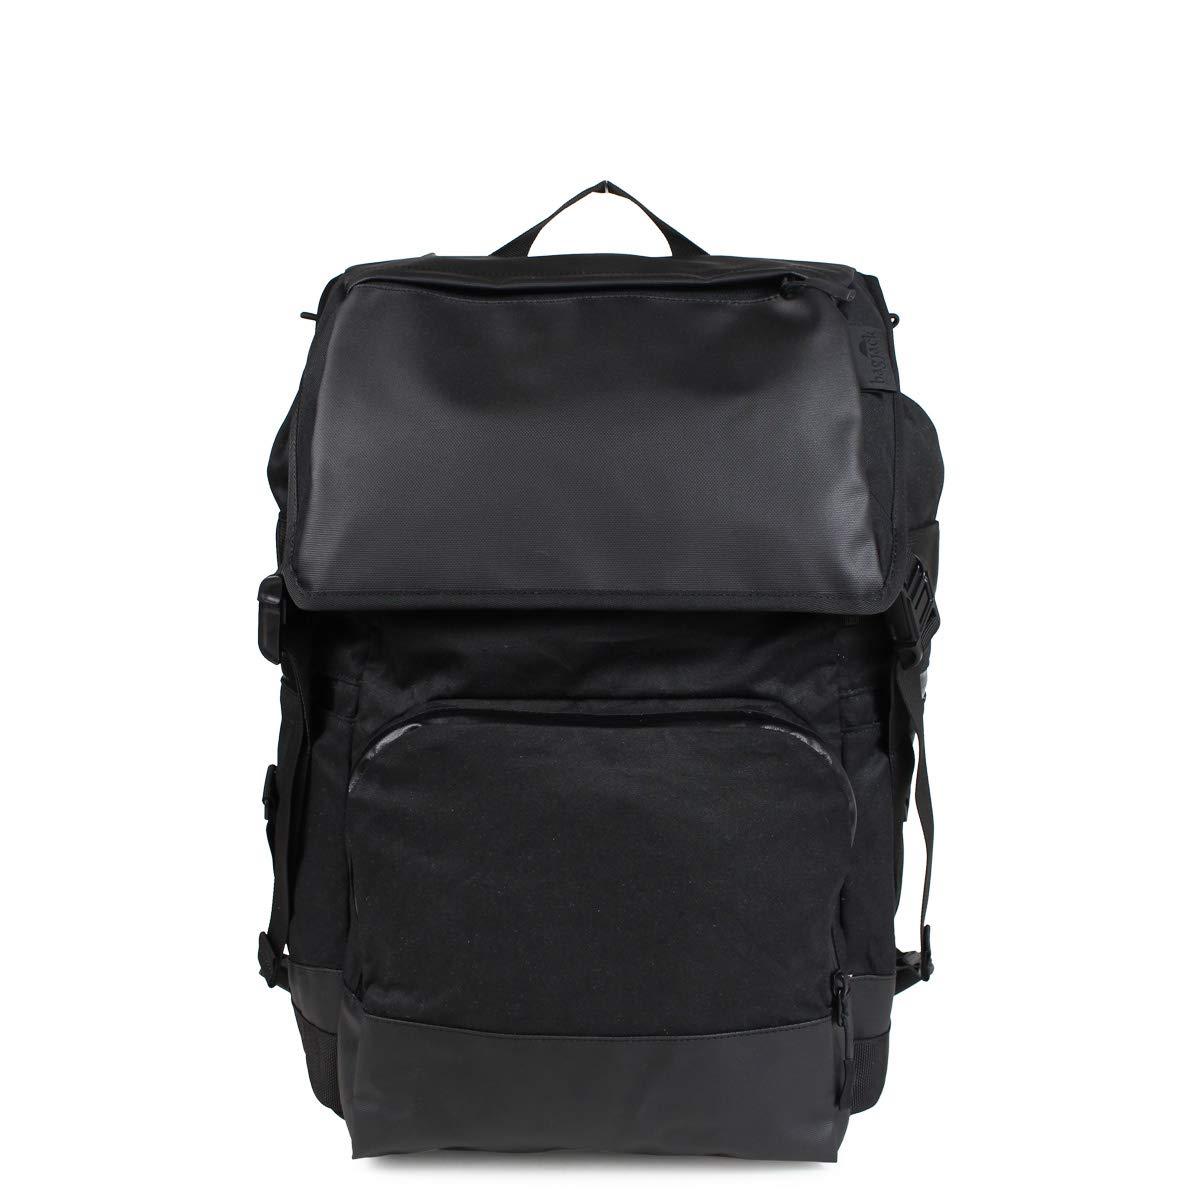 バッグジャック NEXT LEVEL NATURE TEC RUCKSACK リュック バックパック ユニセックス (並行輸入品) [並行輸入品]  ブラック B07PM2N9GN